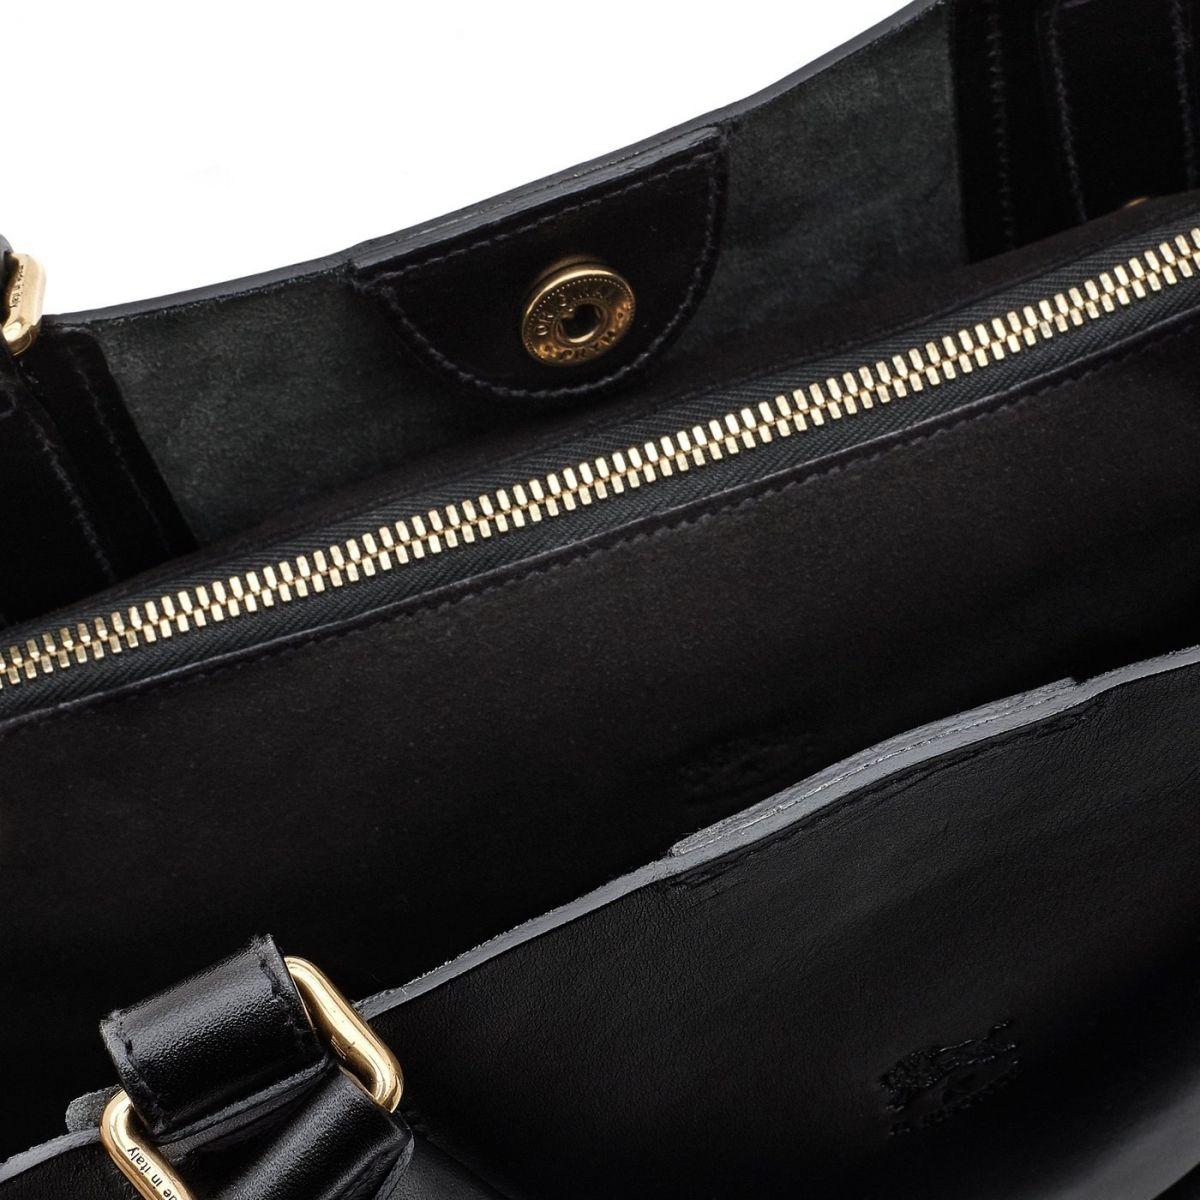 Sac Fourre-Tout pour Femme Selleria en Cuir De Vachette BTO034 couleur Noir | Details